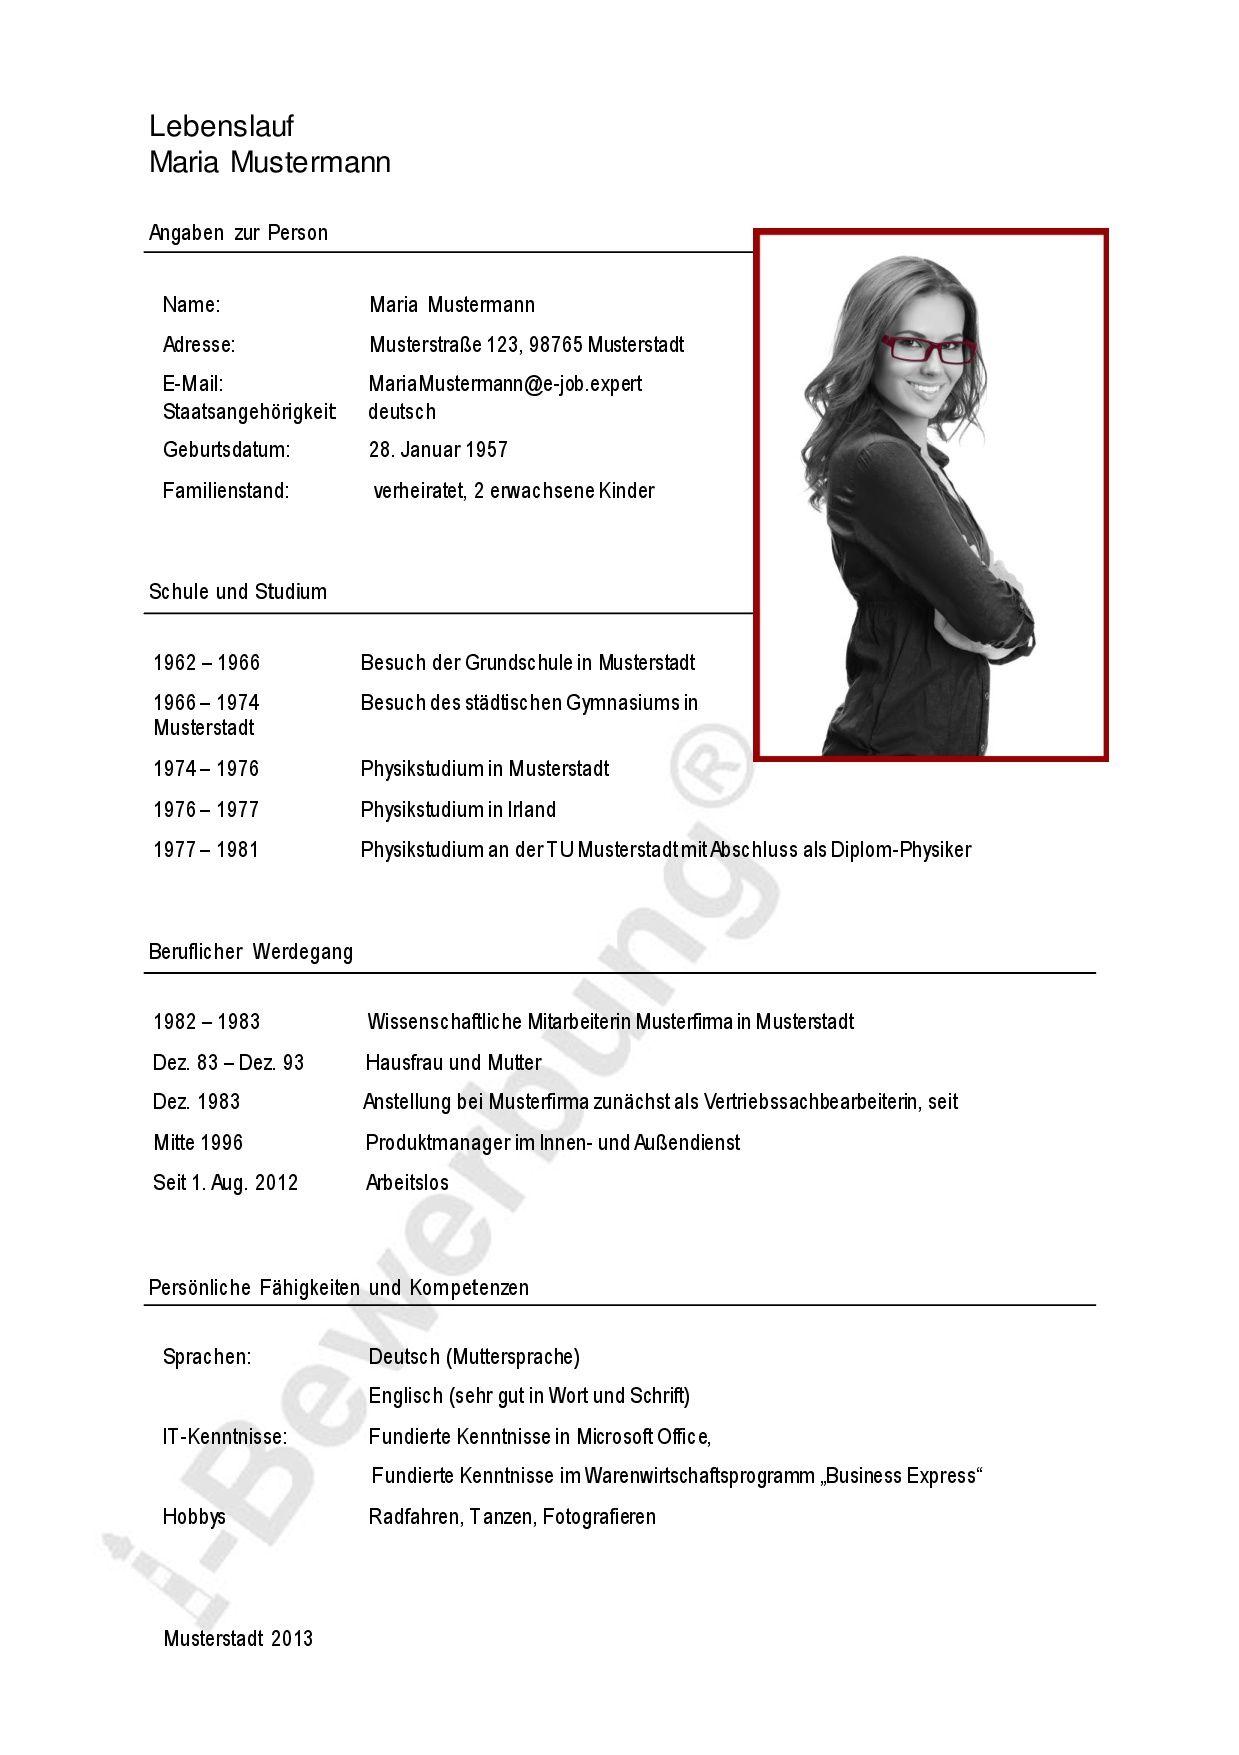 lebenslauf deutschland checkliste bewerbung. auszug aus einem ...